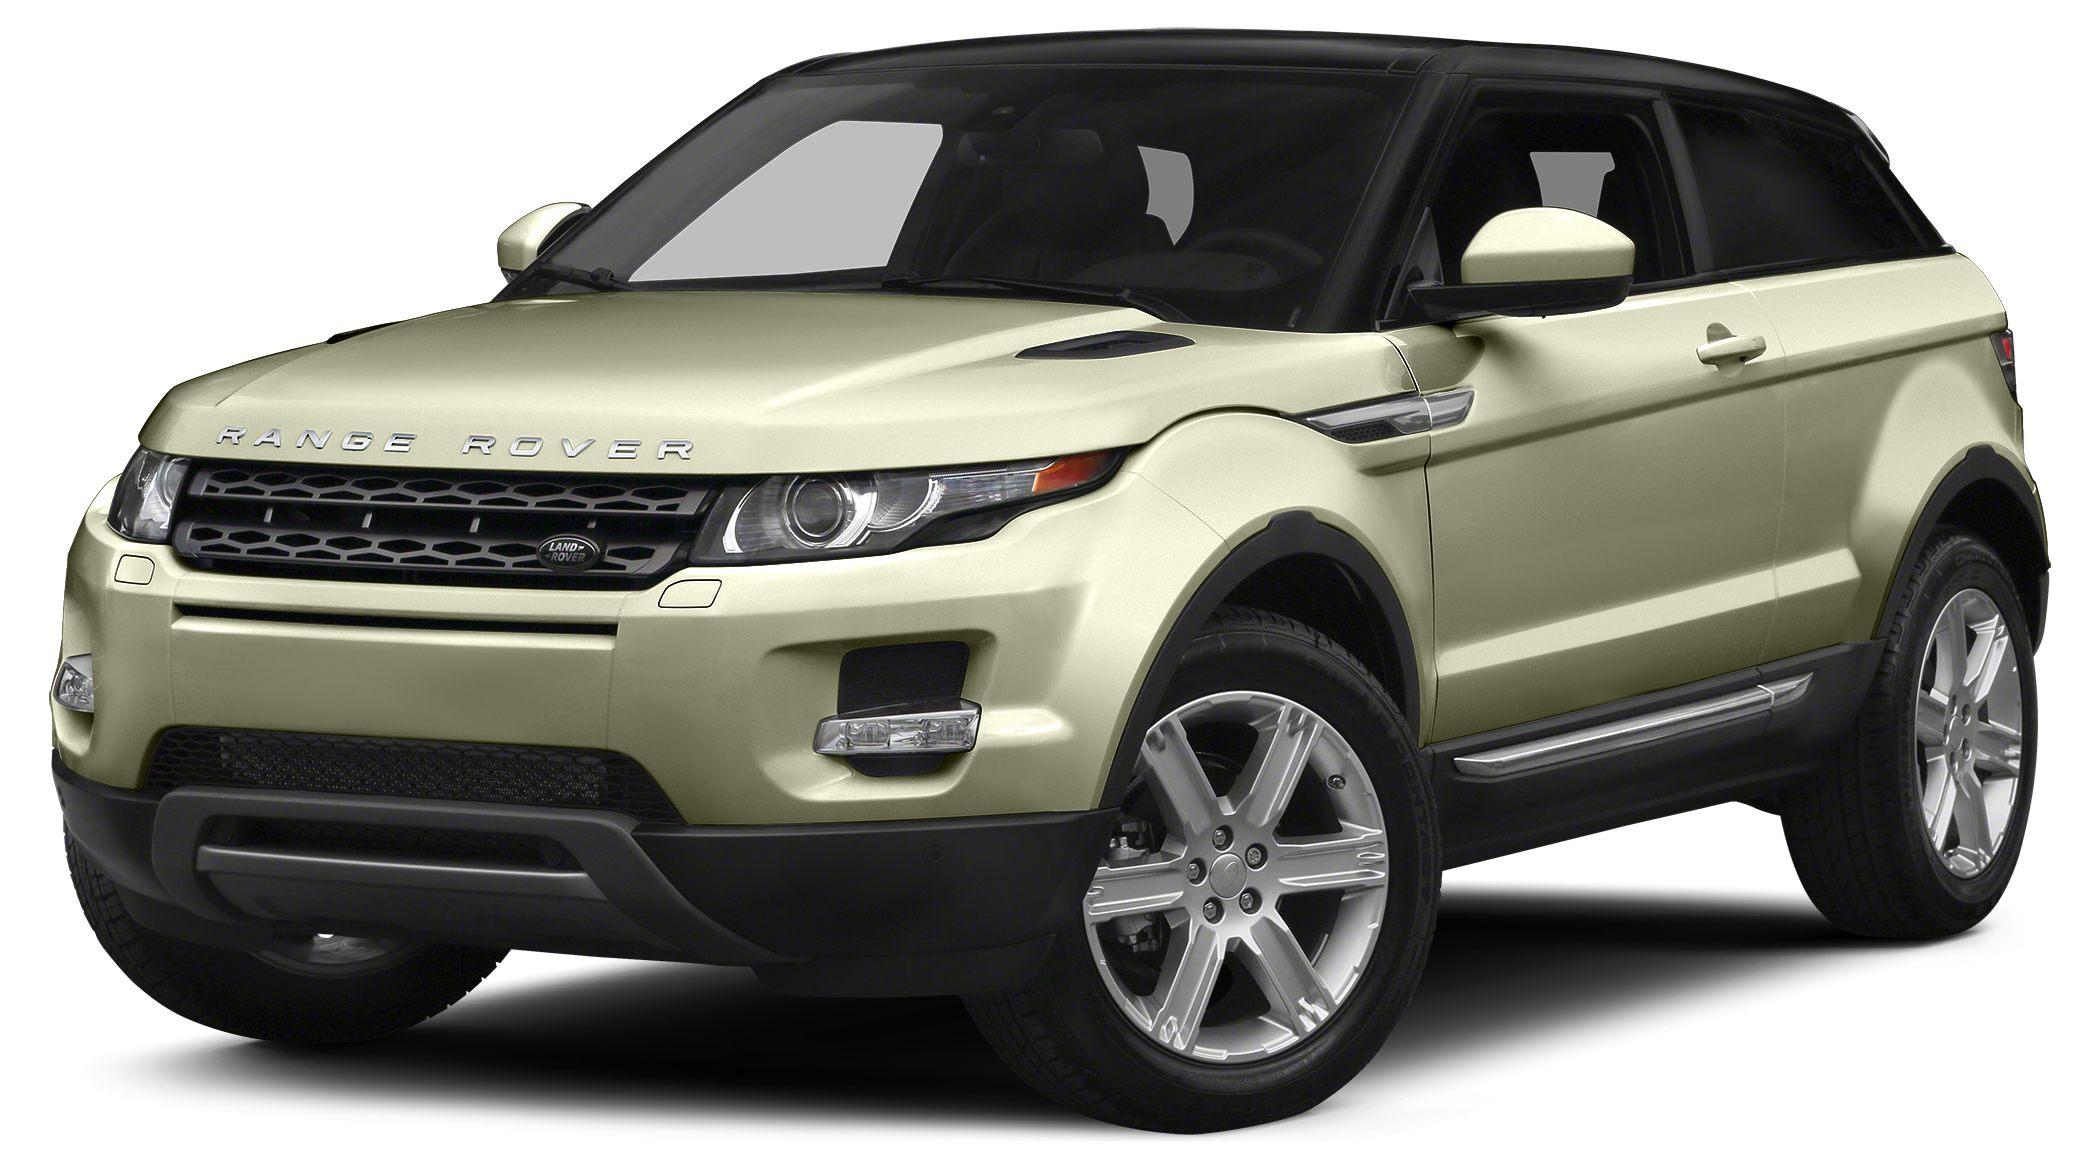 2014 Land Rover Range Rover Evoque Pure Plus Prices are PLUS tax tag title fee 799 Pre-Deliv